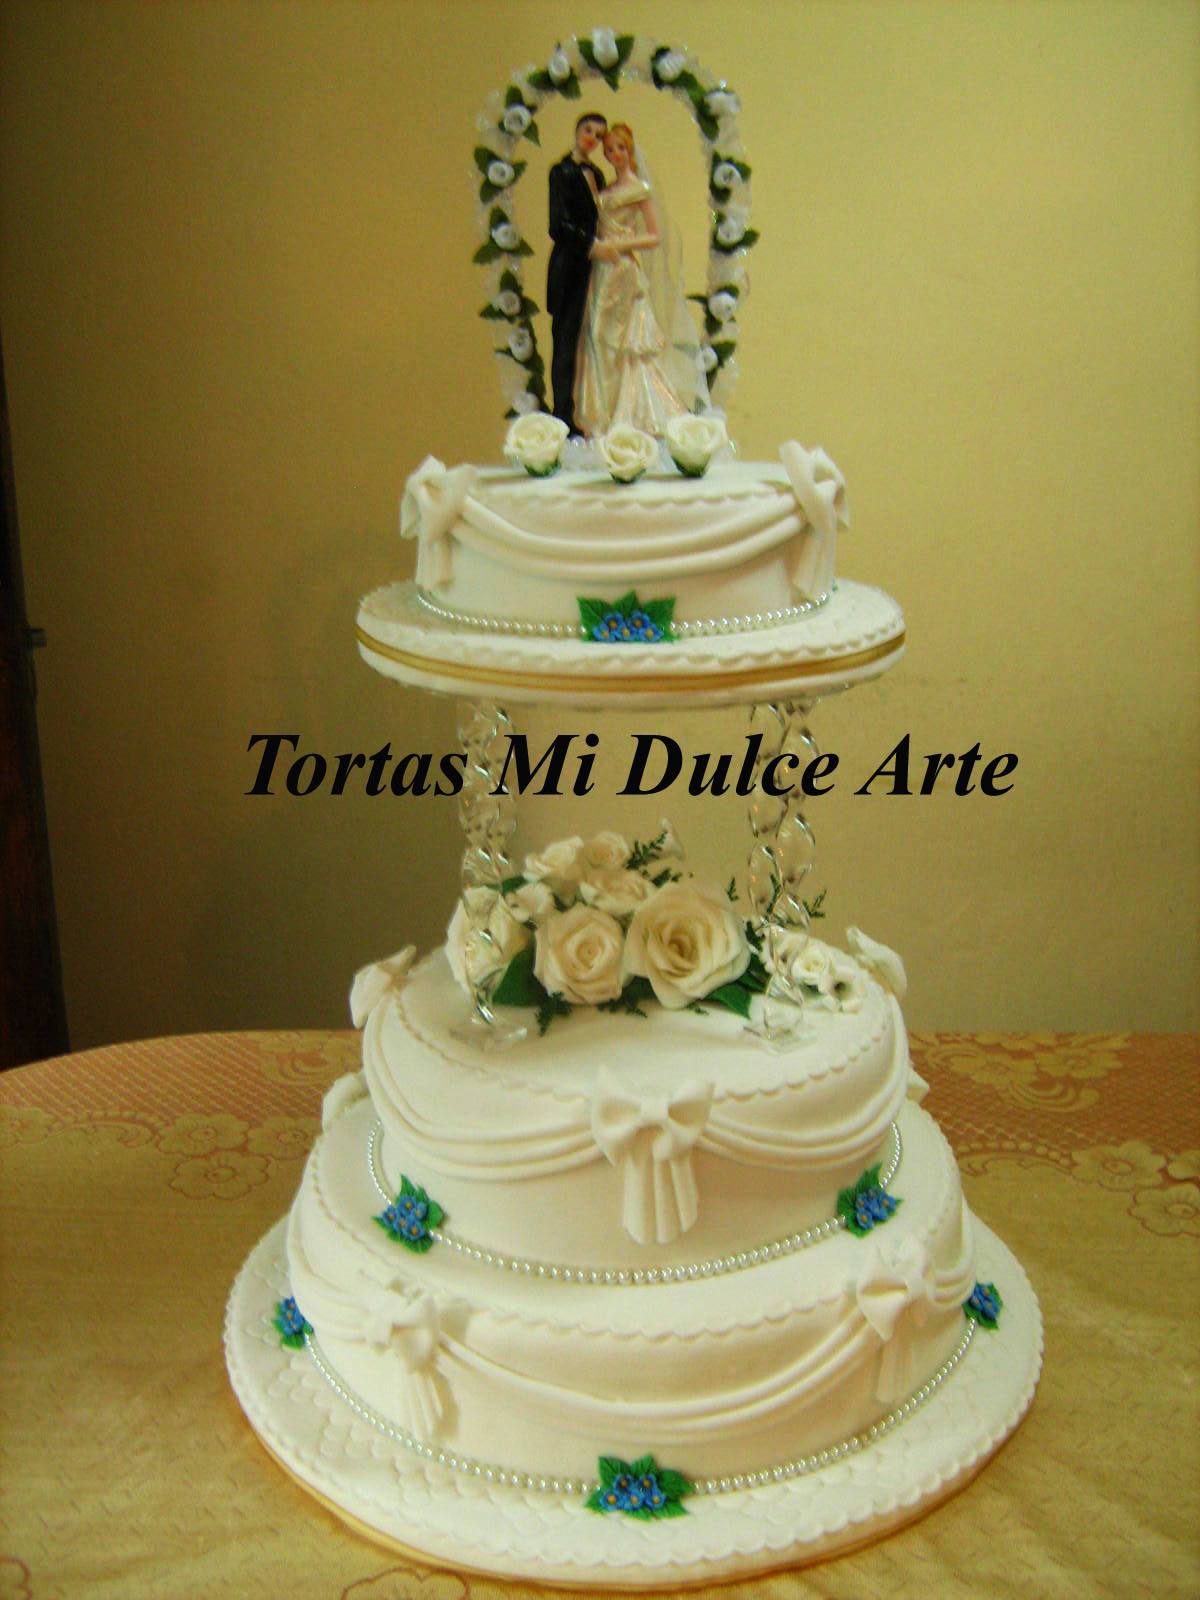 TORTAS MI DULCE ARTE